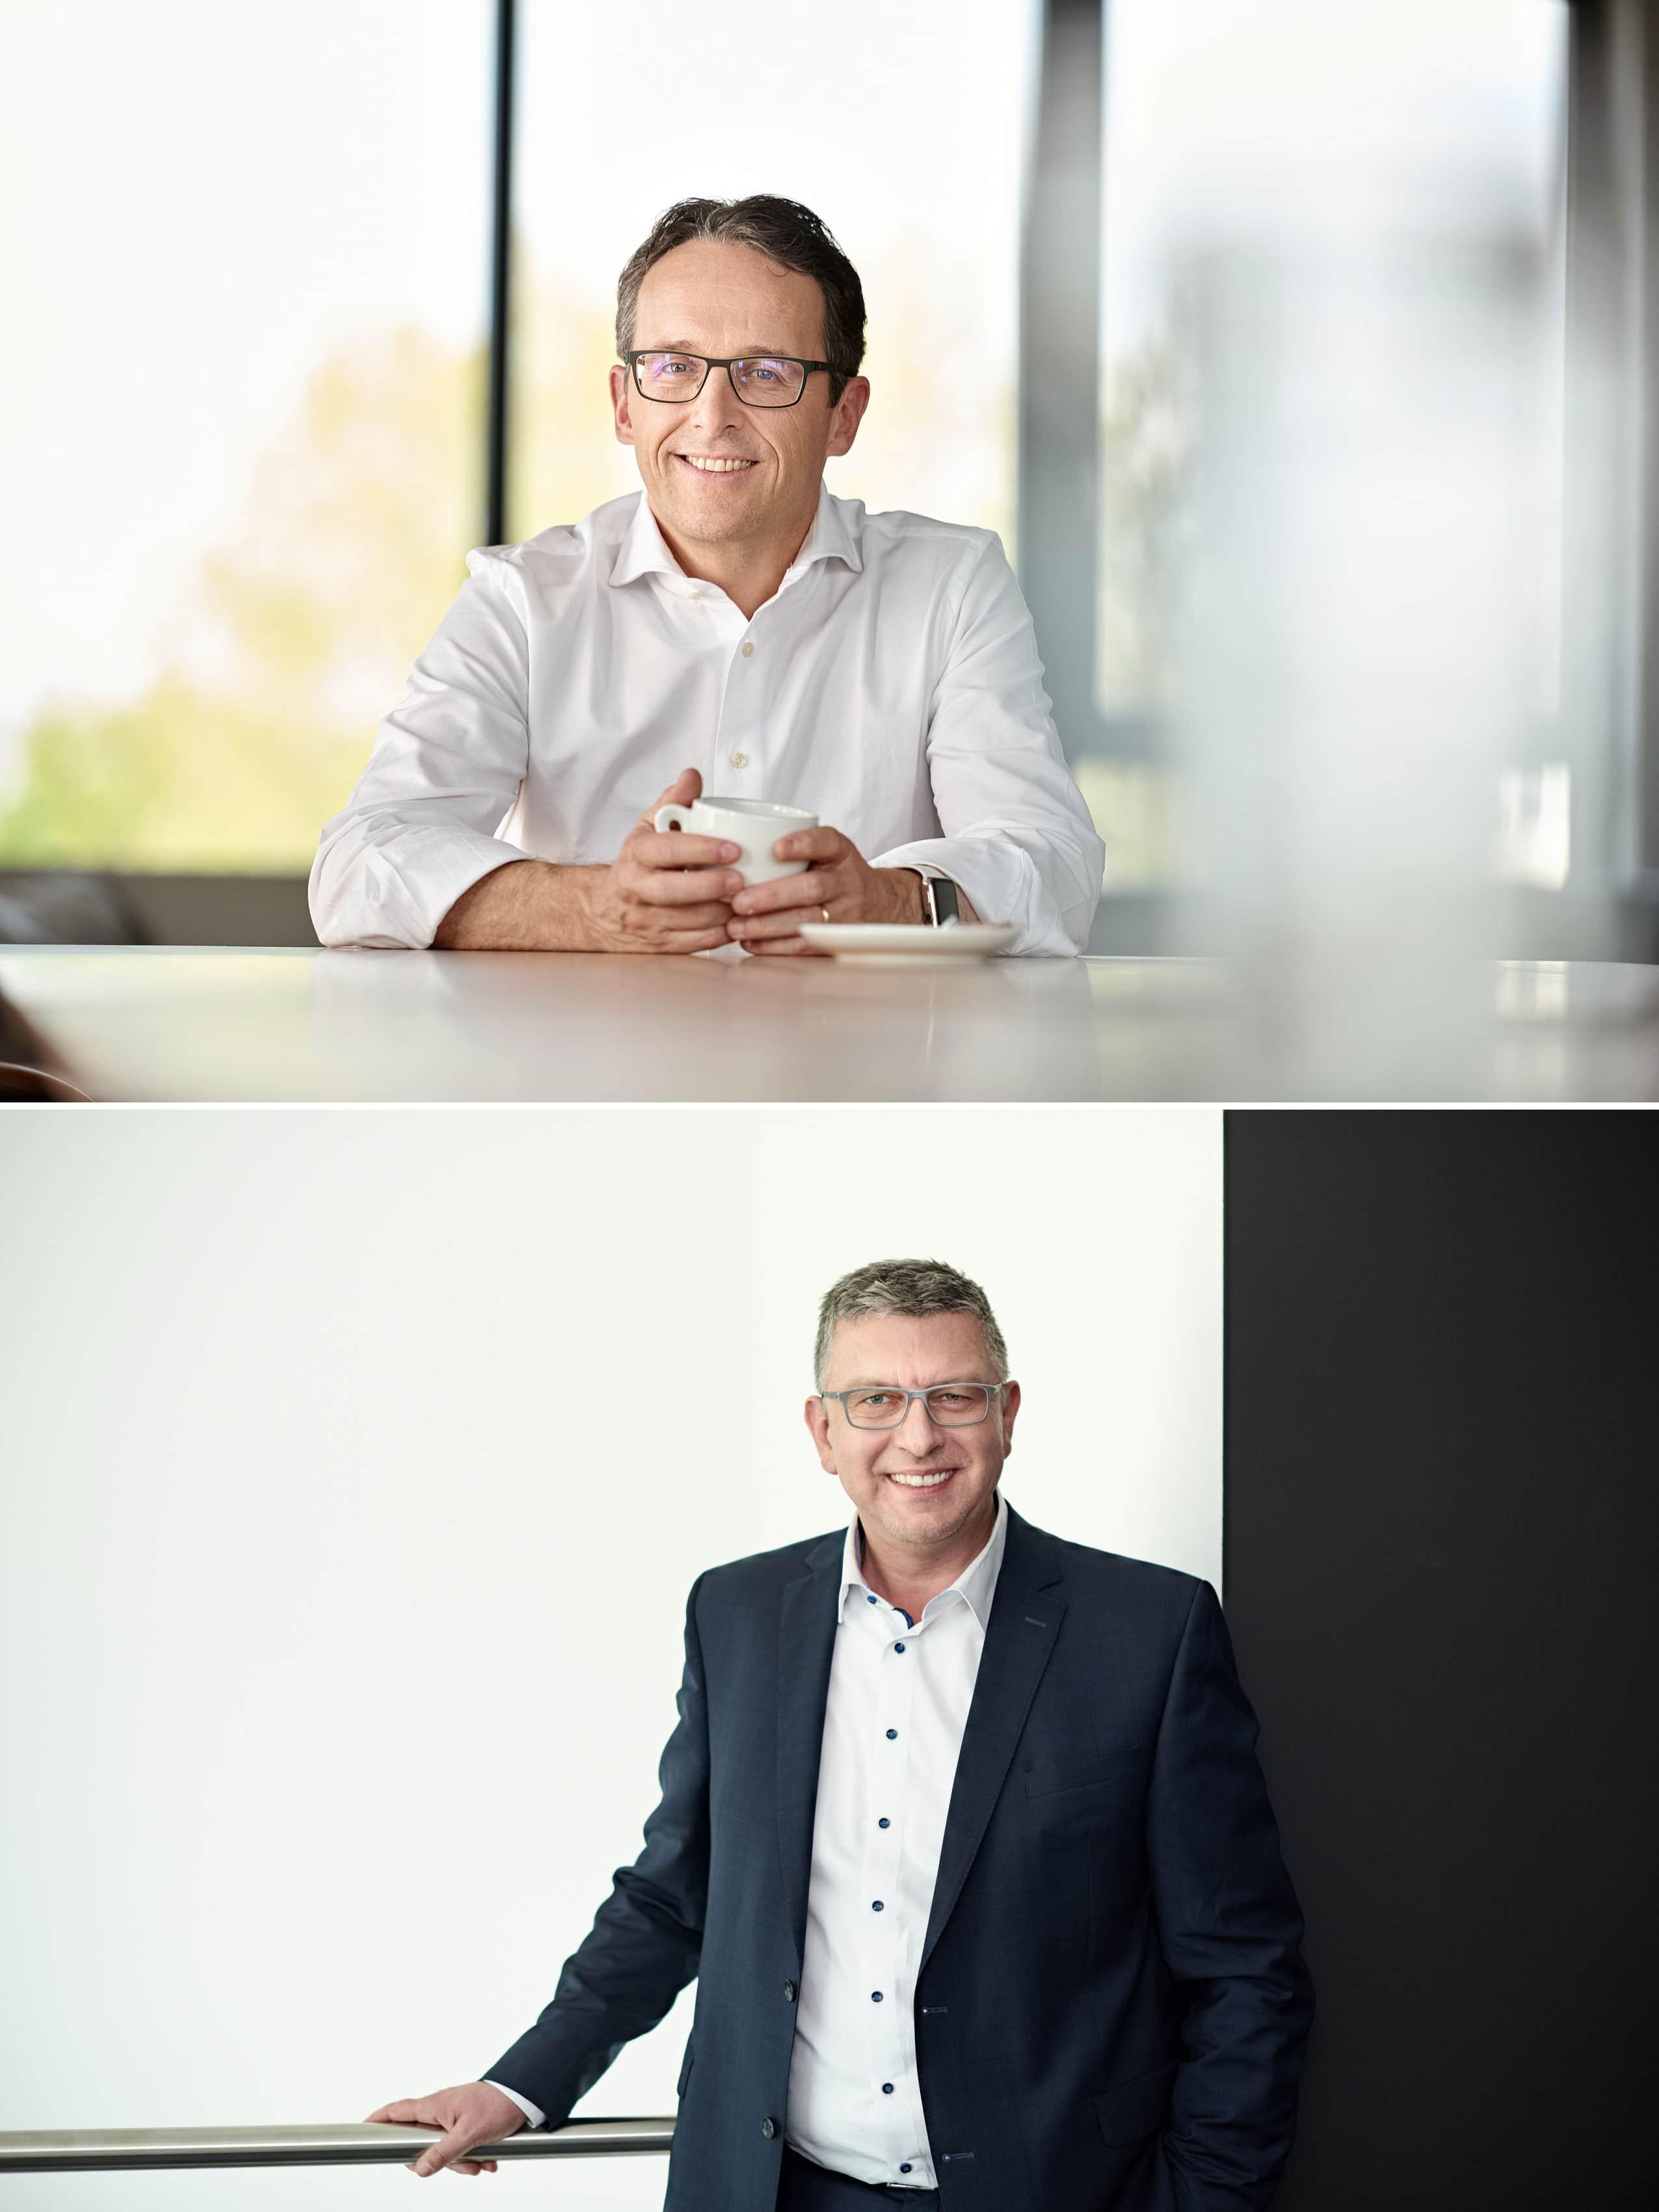 Mitarbeiterportraits für KSW Vermögensverwaltung Nürnberg Fürth